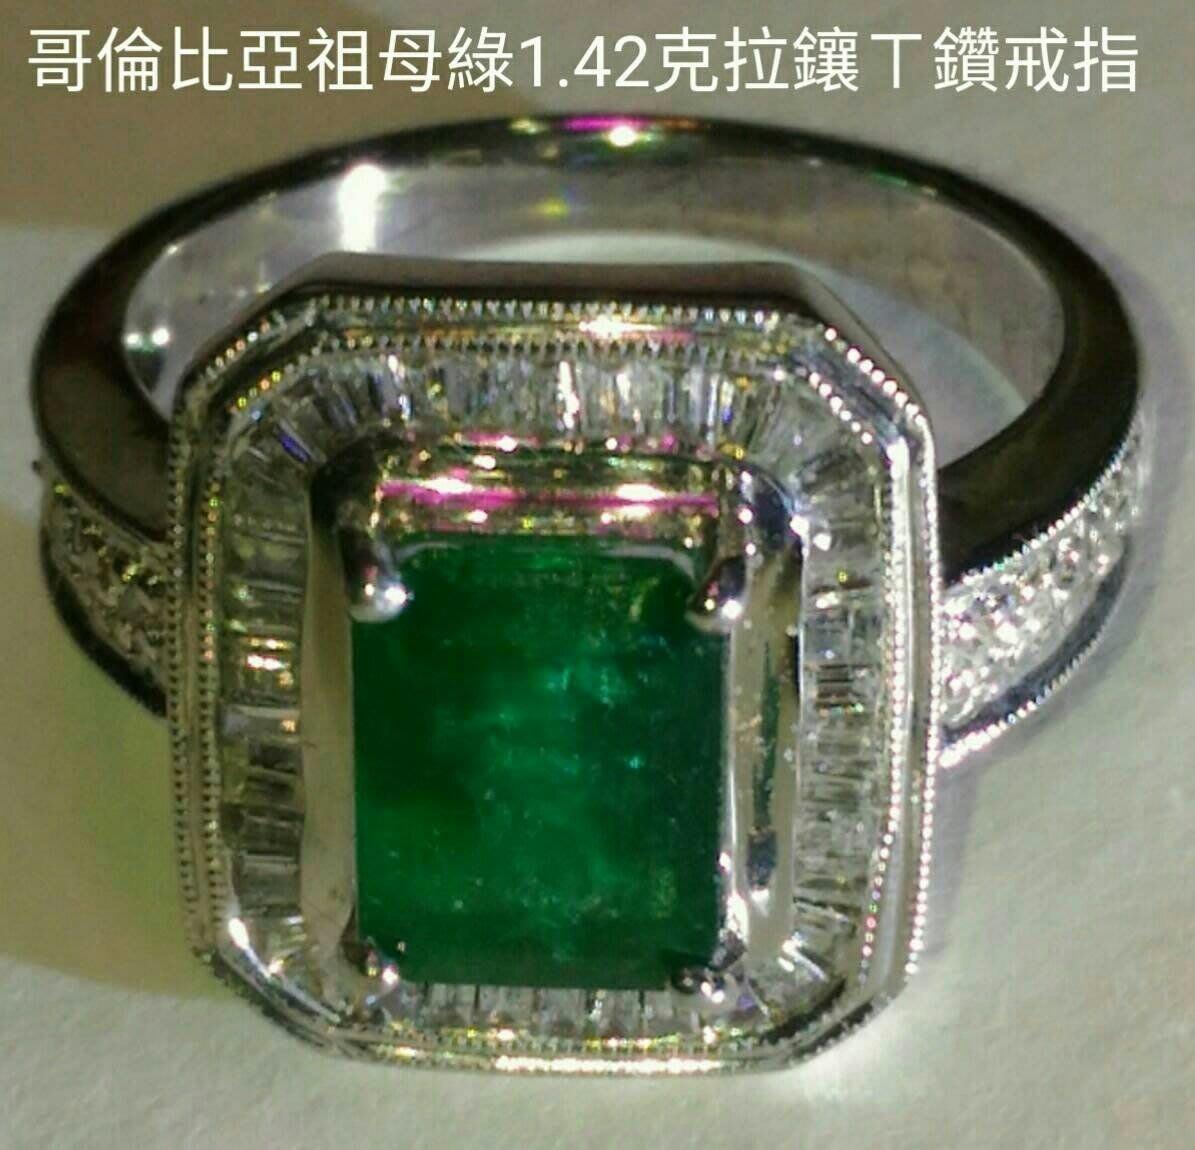 哥倫比亞墨書祖母綠 1.42克拉四周鑲T鑽戒指